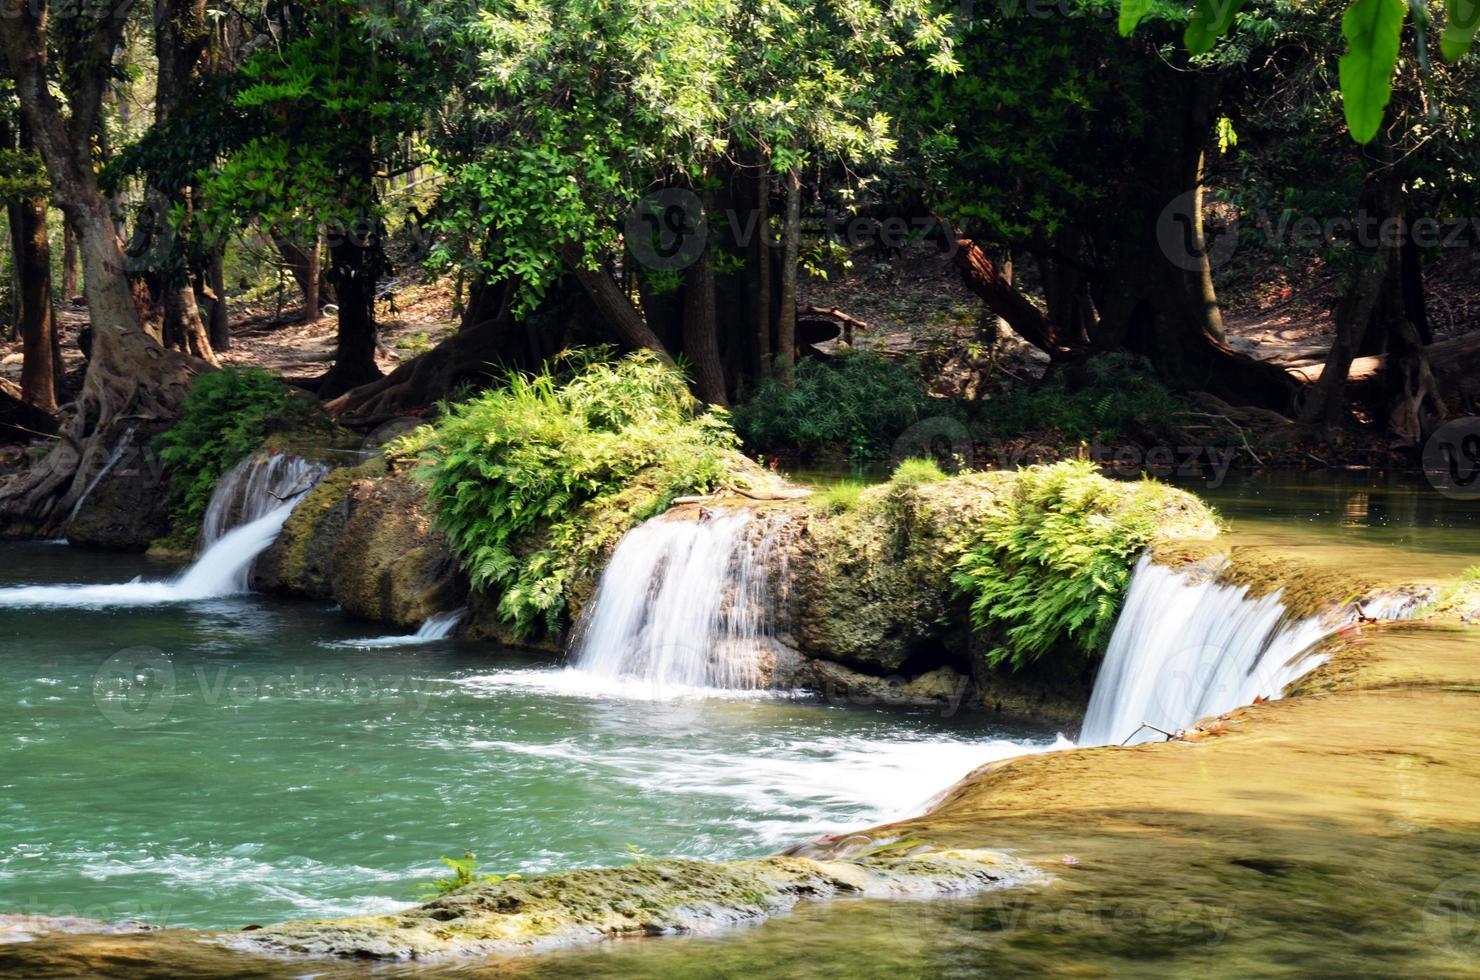 num tok chet sao noi wasserfall nationalpark in saraburi foto